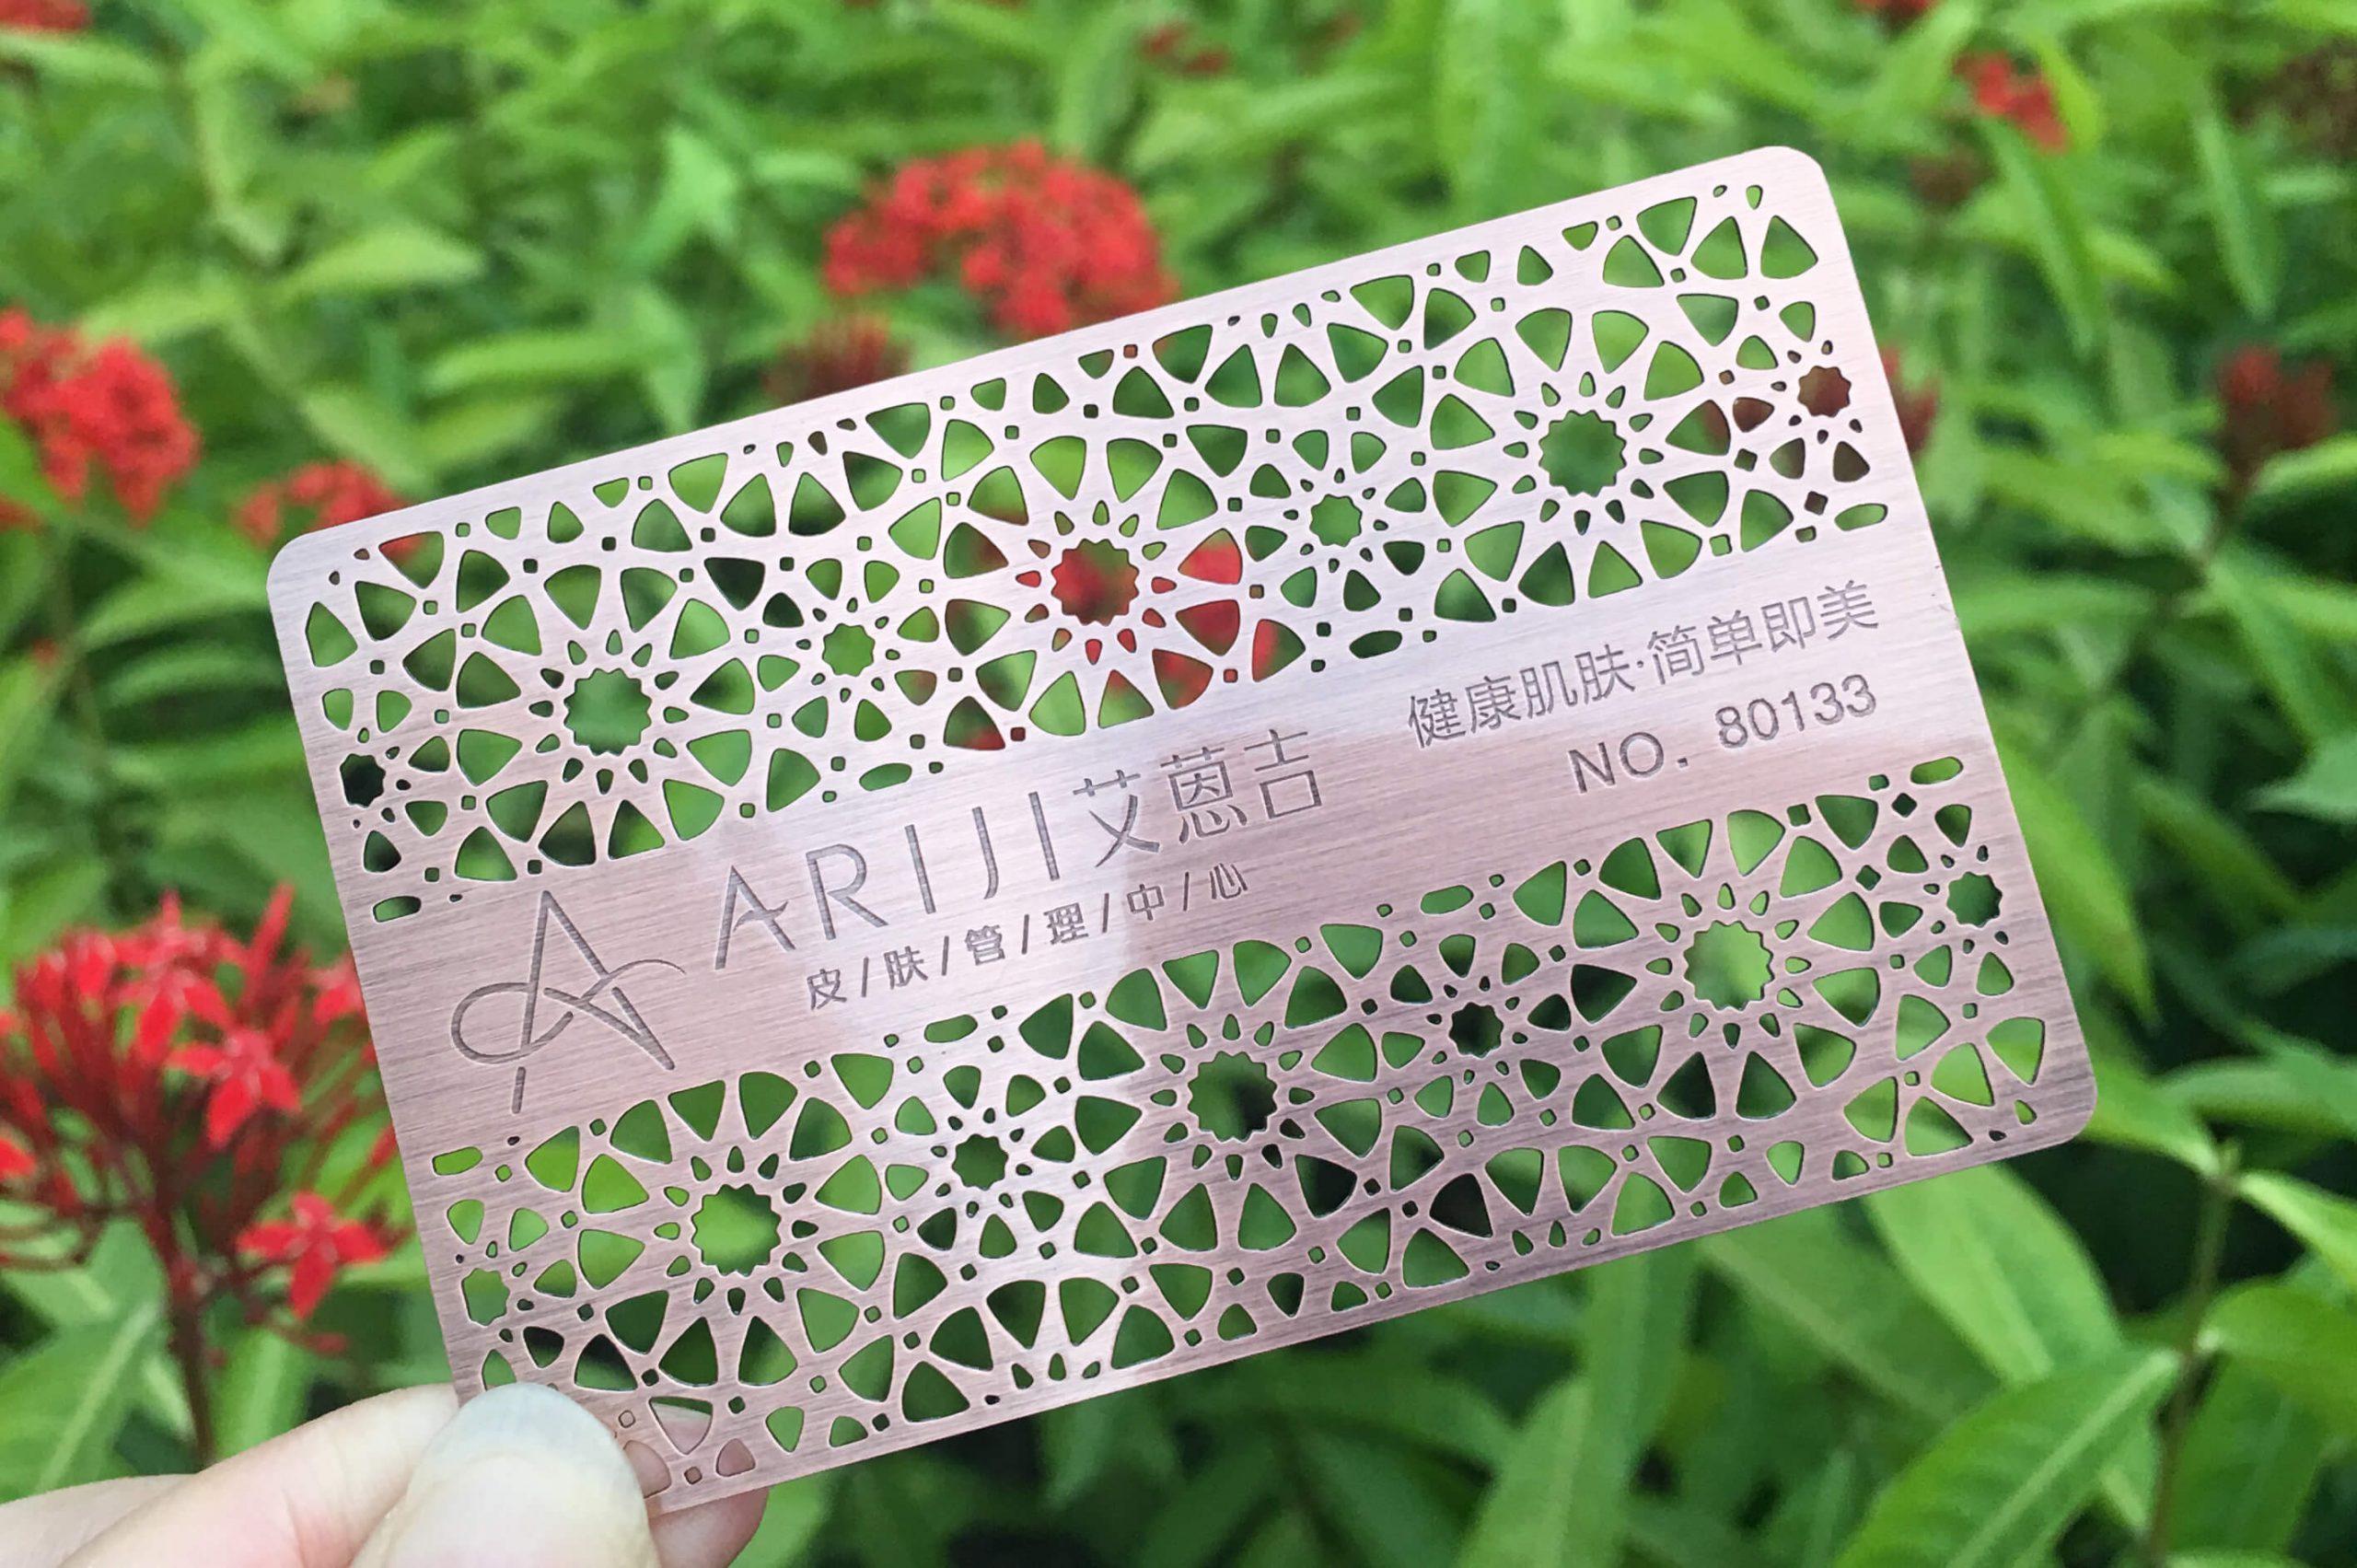 die cut metal business cards design